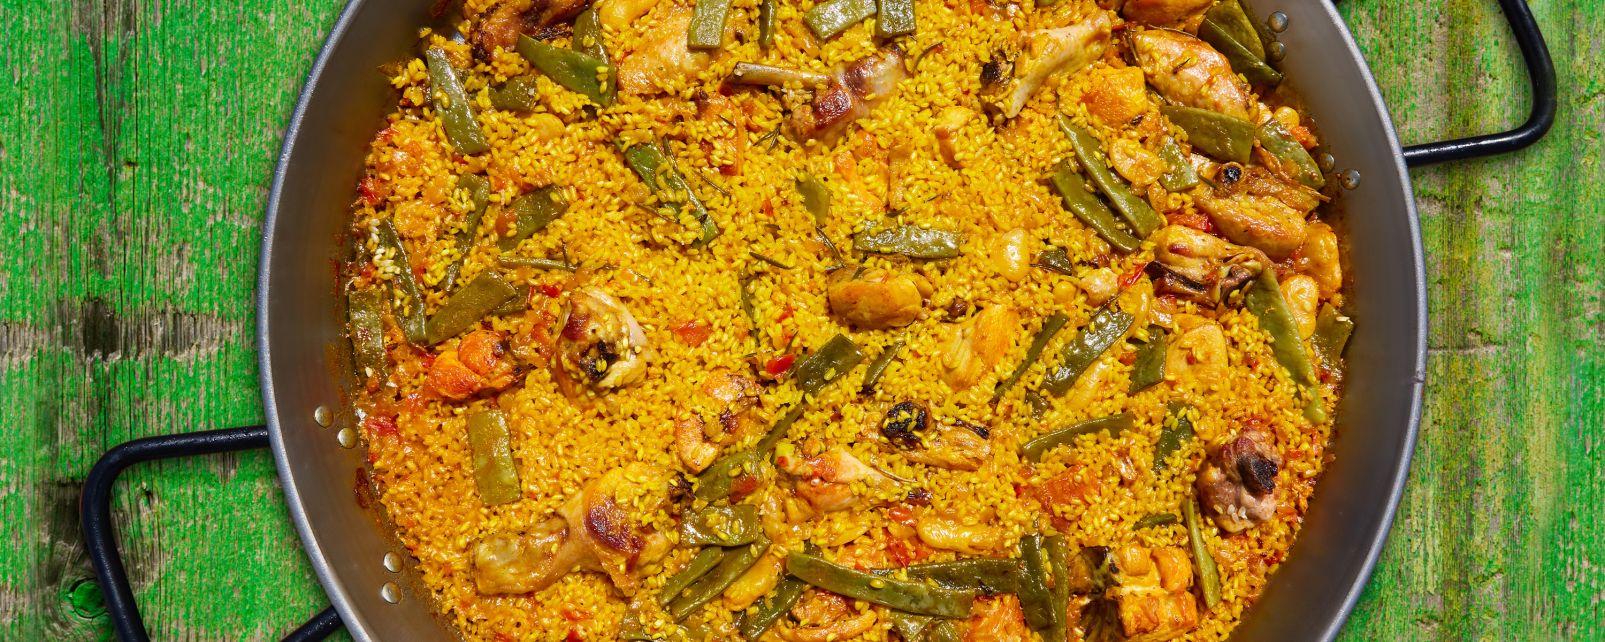 La paella valenciana, La paella di Valencia, Enogastronomia, Comunità valenzana